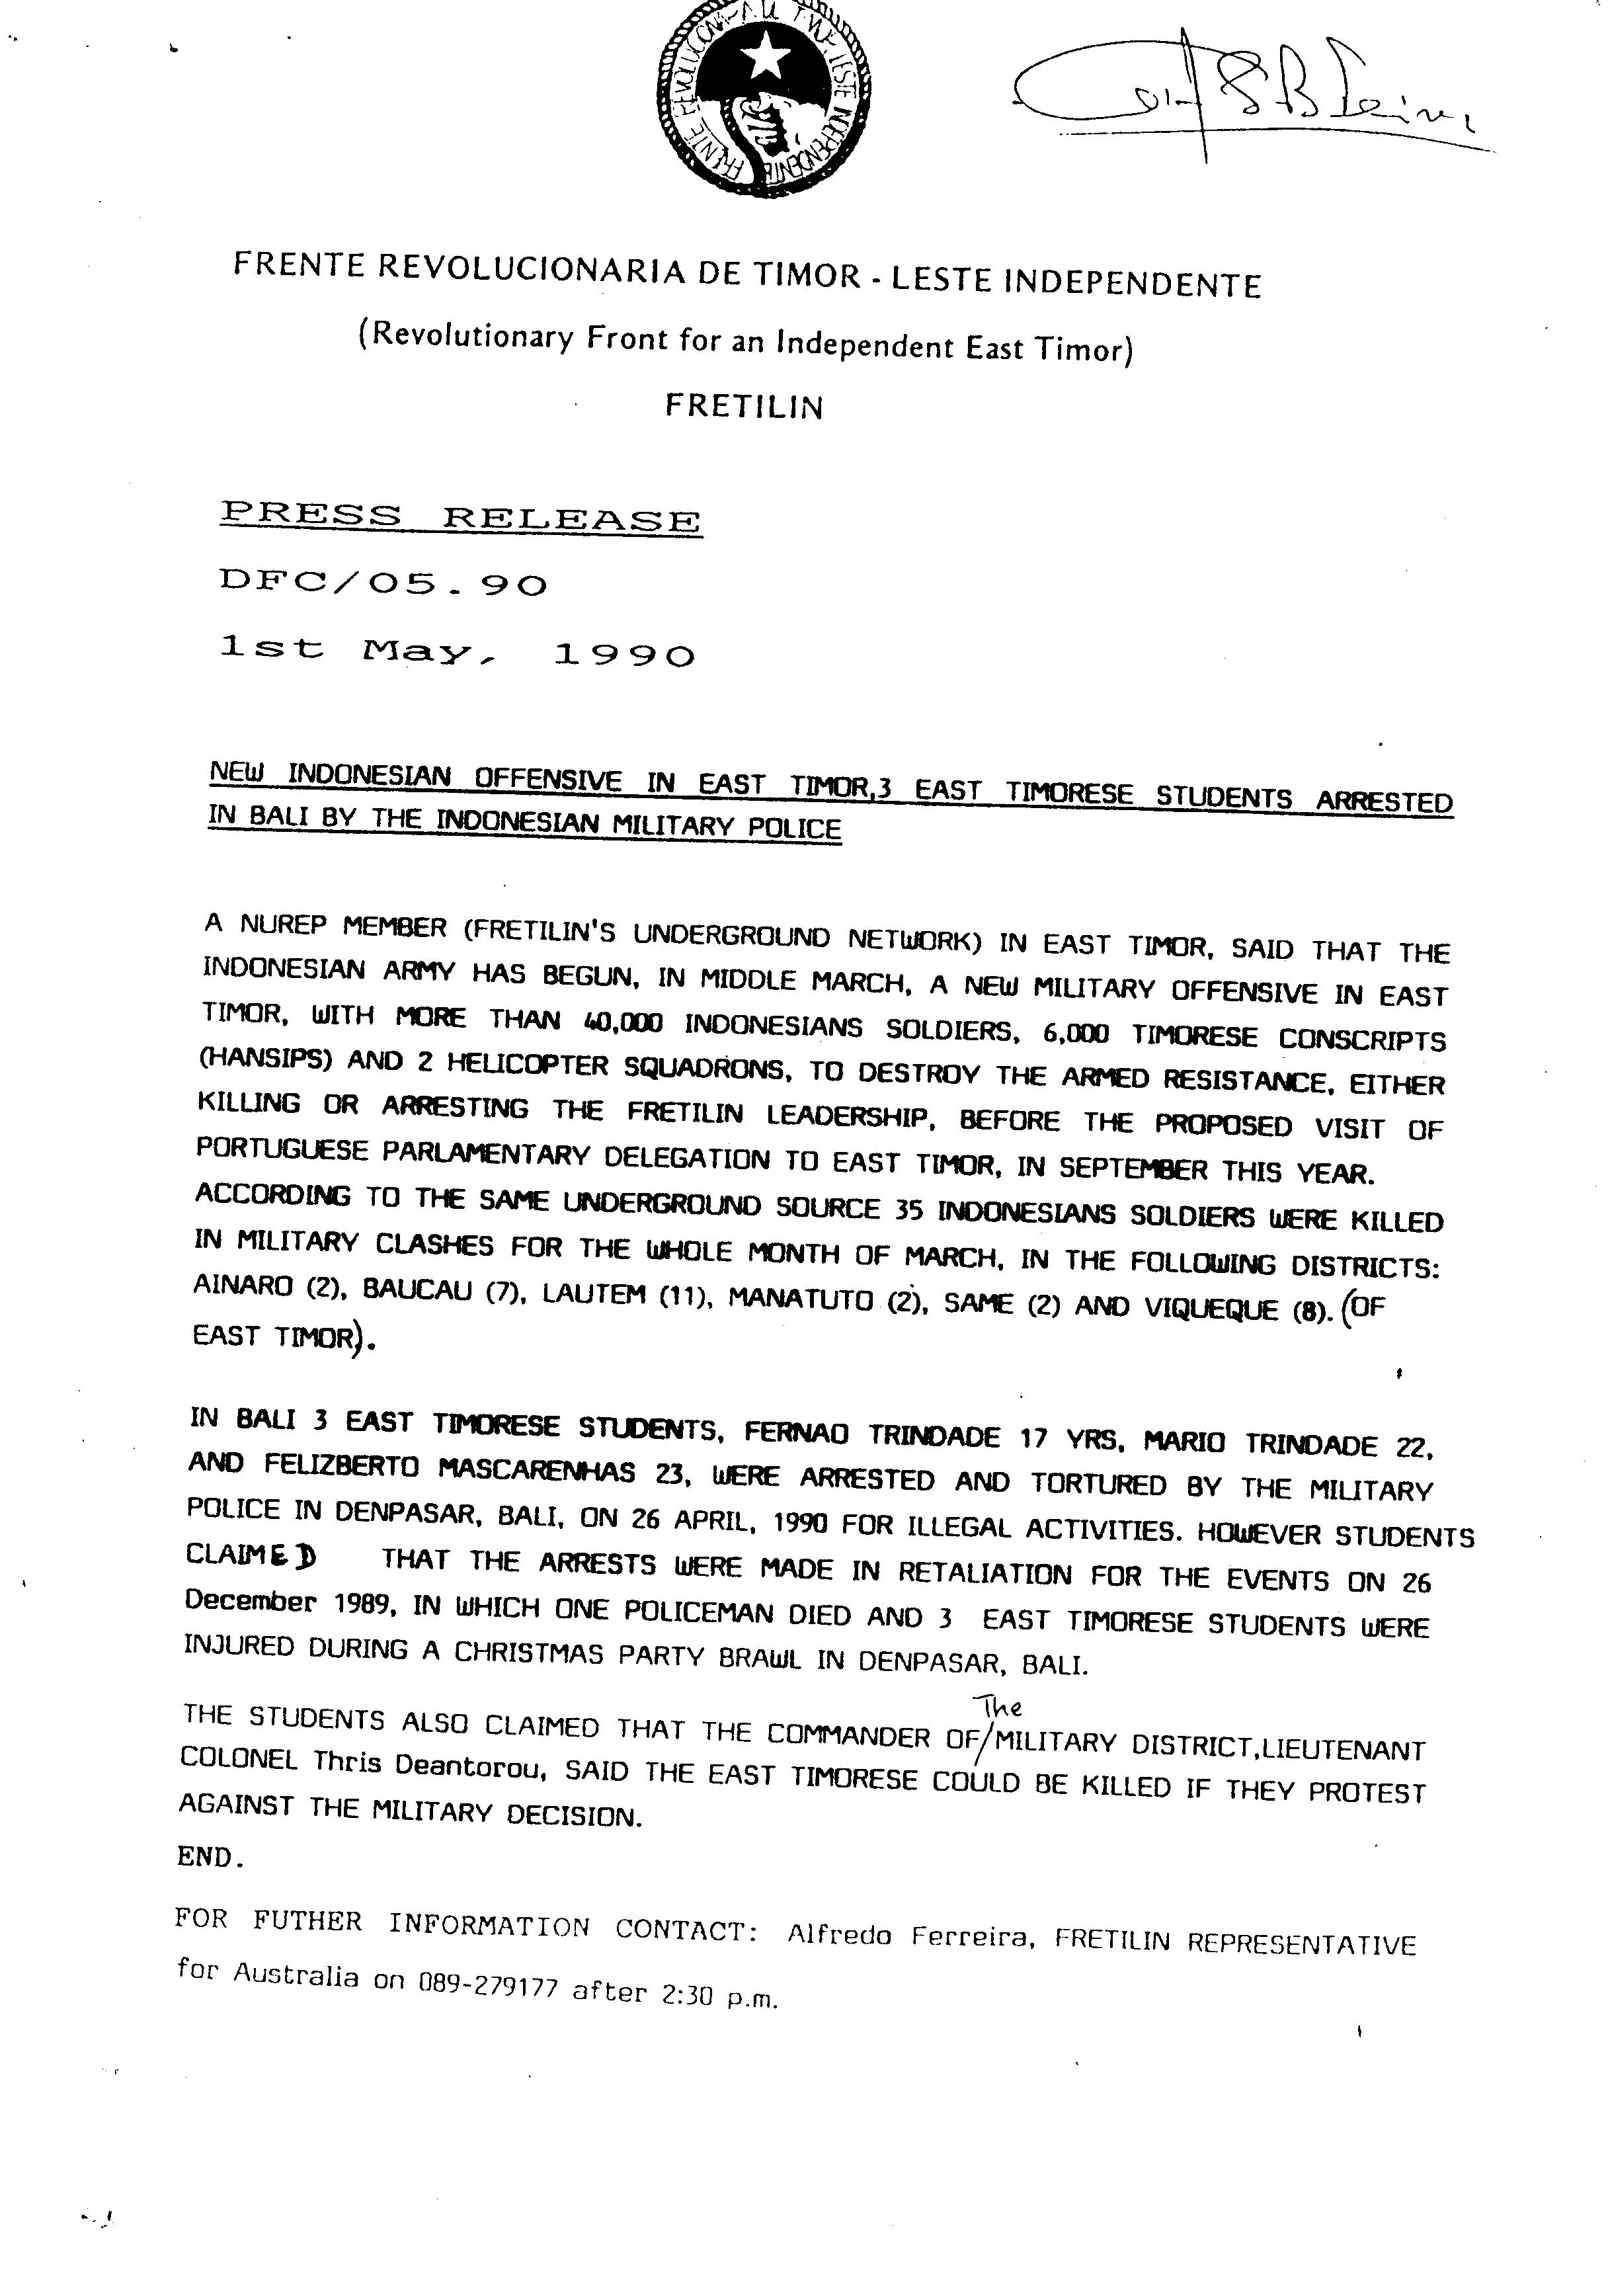 06480.002- pag.1